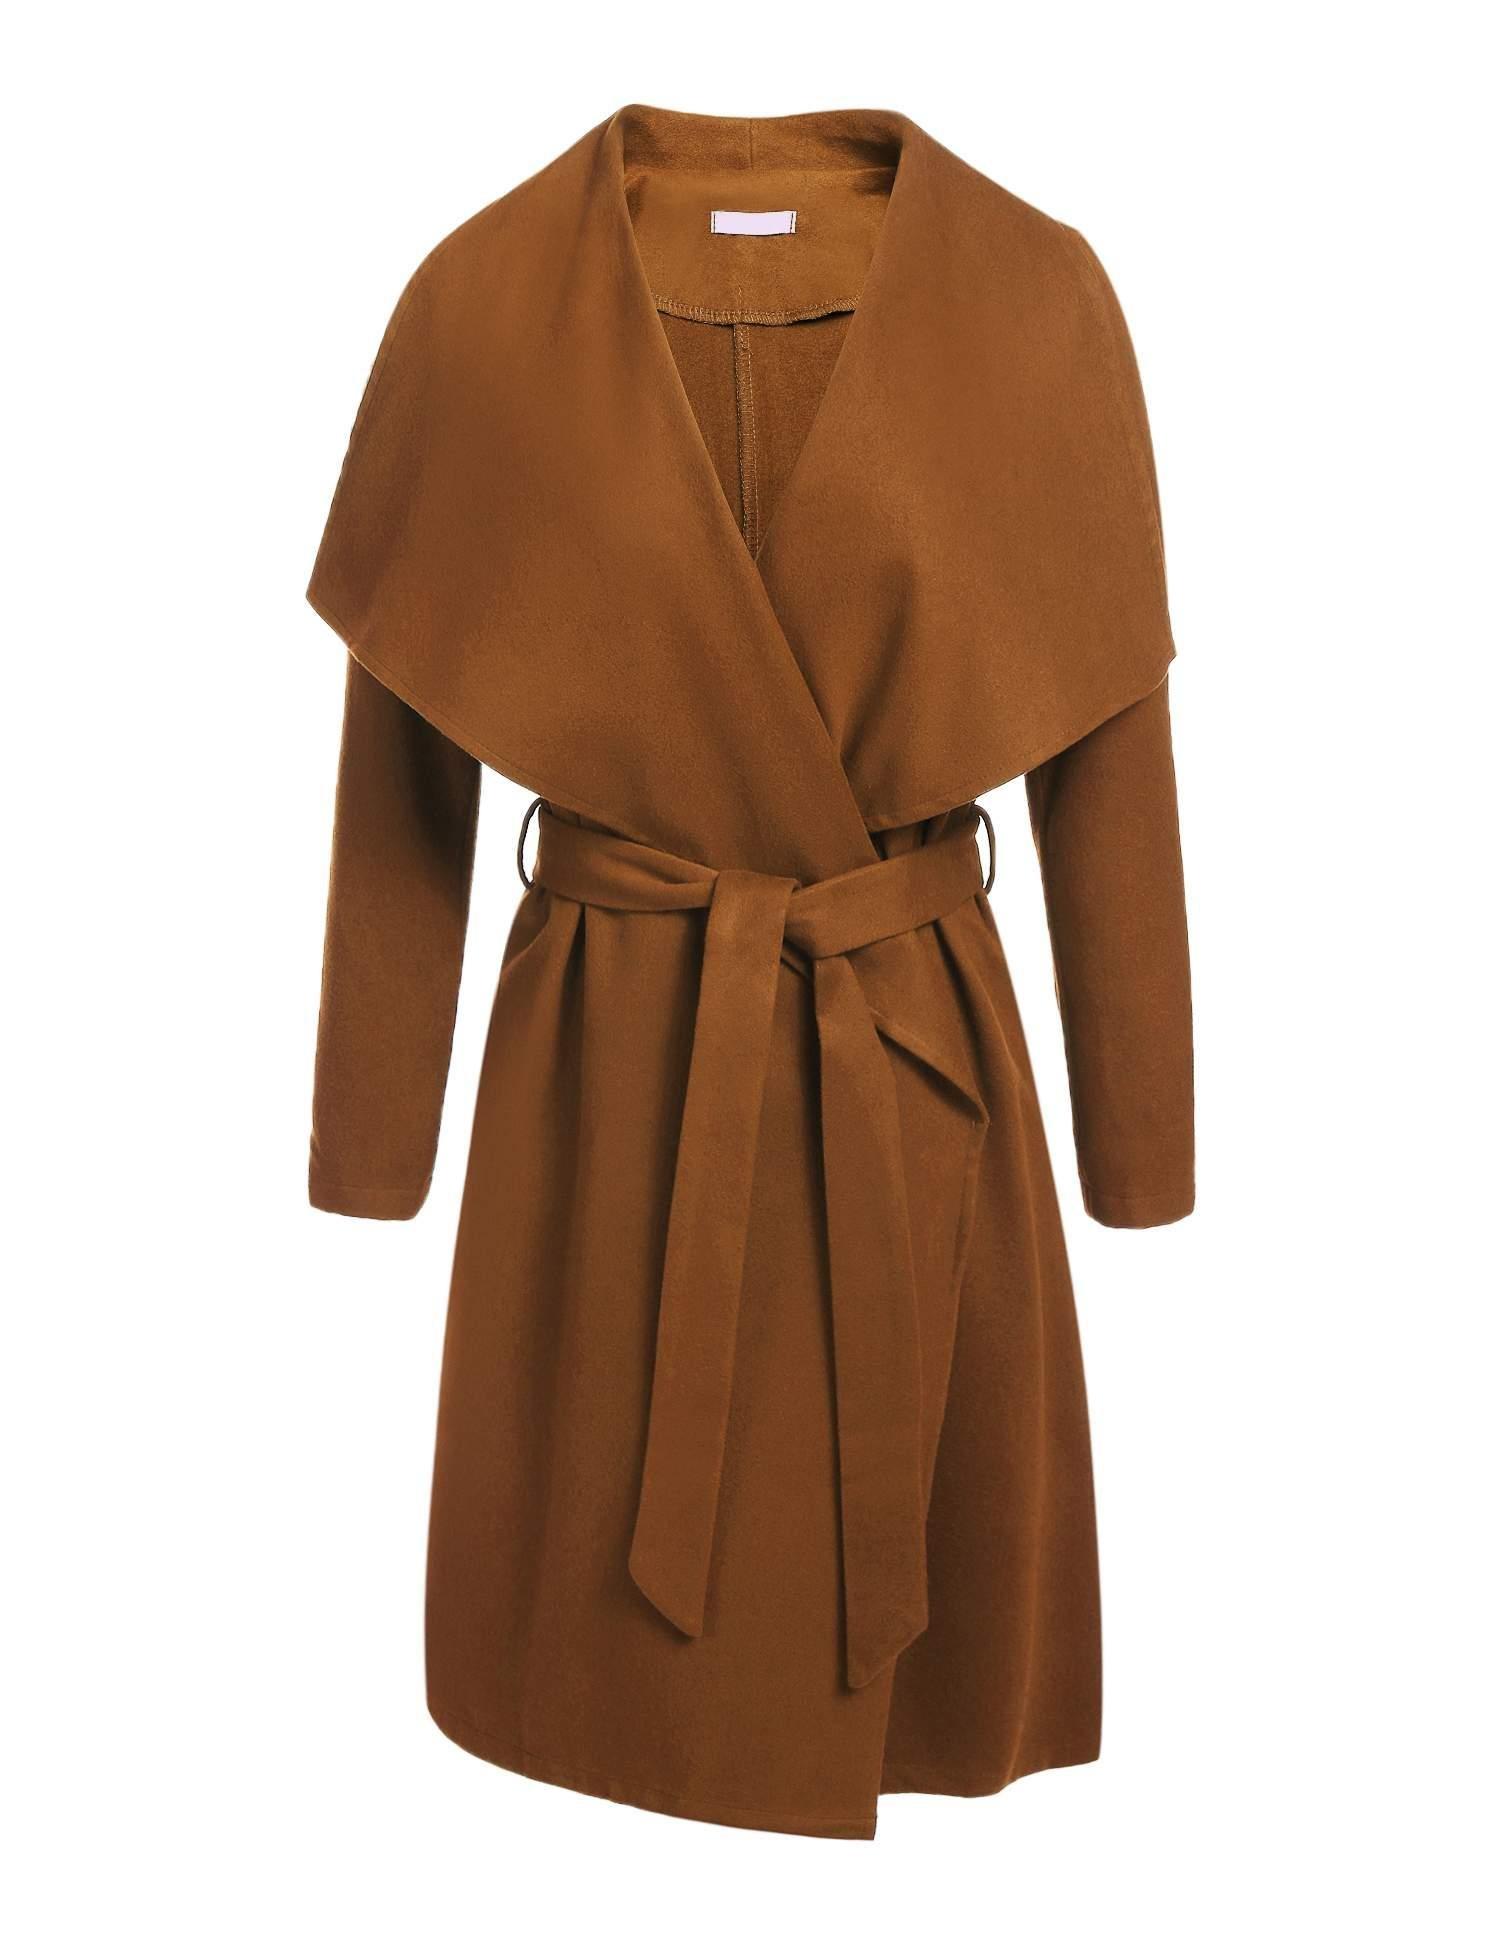 Zeagoo Women's Lapel Long Trench Coat Wool Blended Jacket Outwear Cardigan